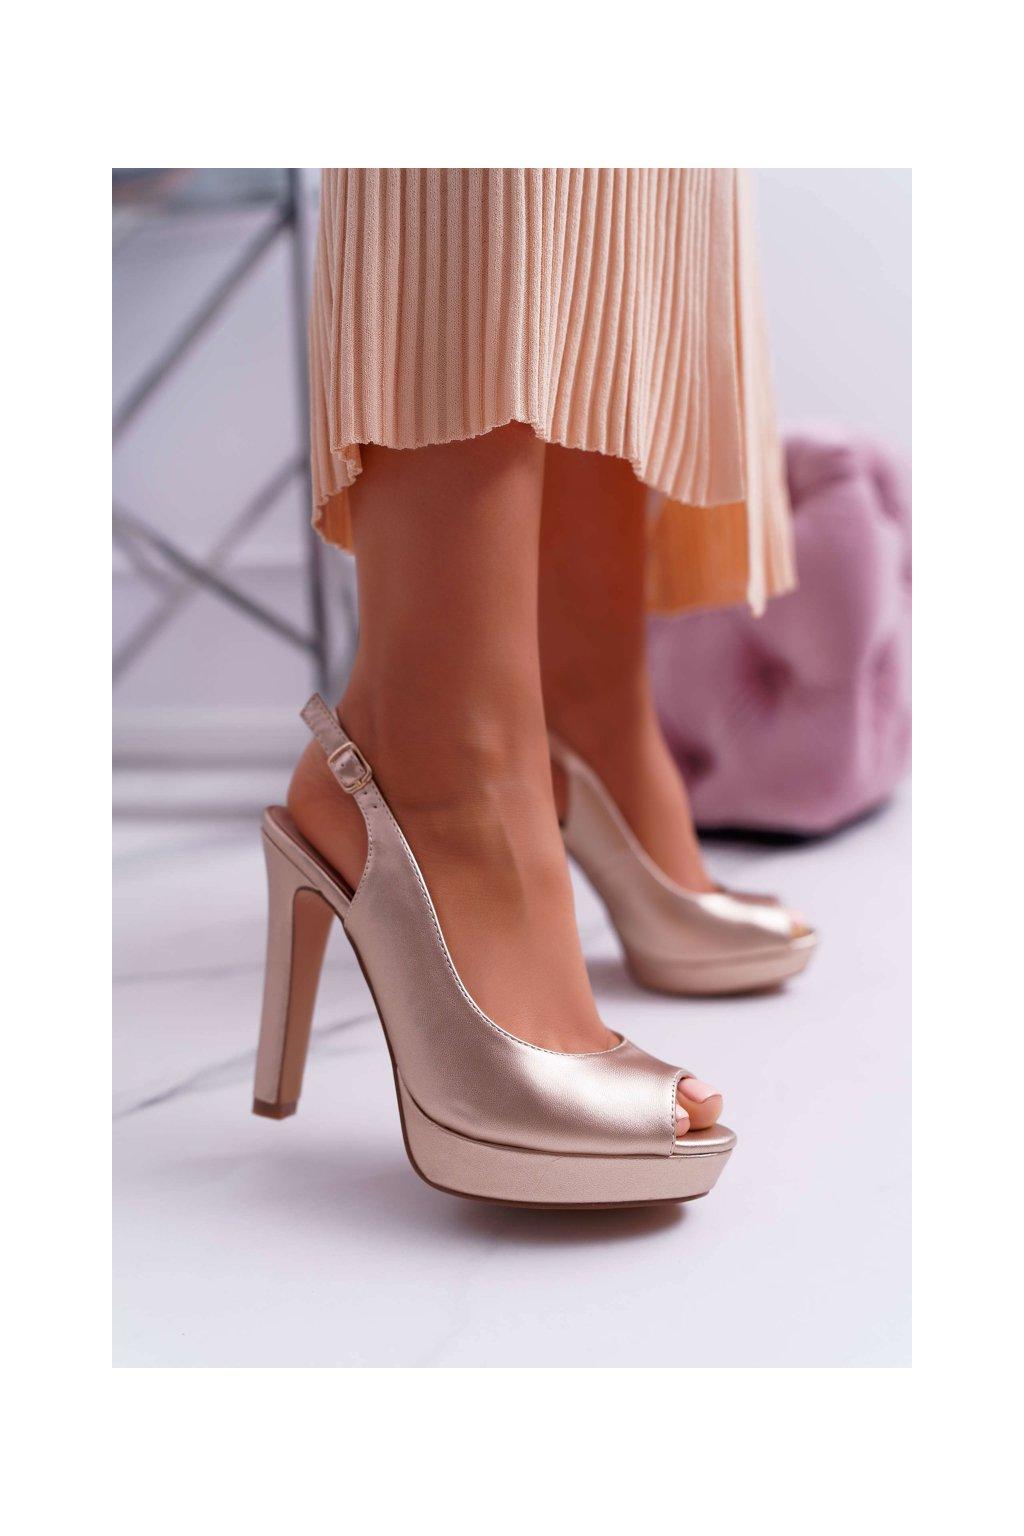 Dámske Sandále na podpätku Champagne Lorajn